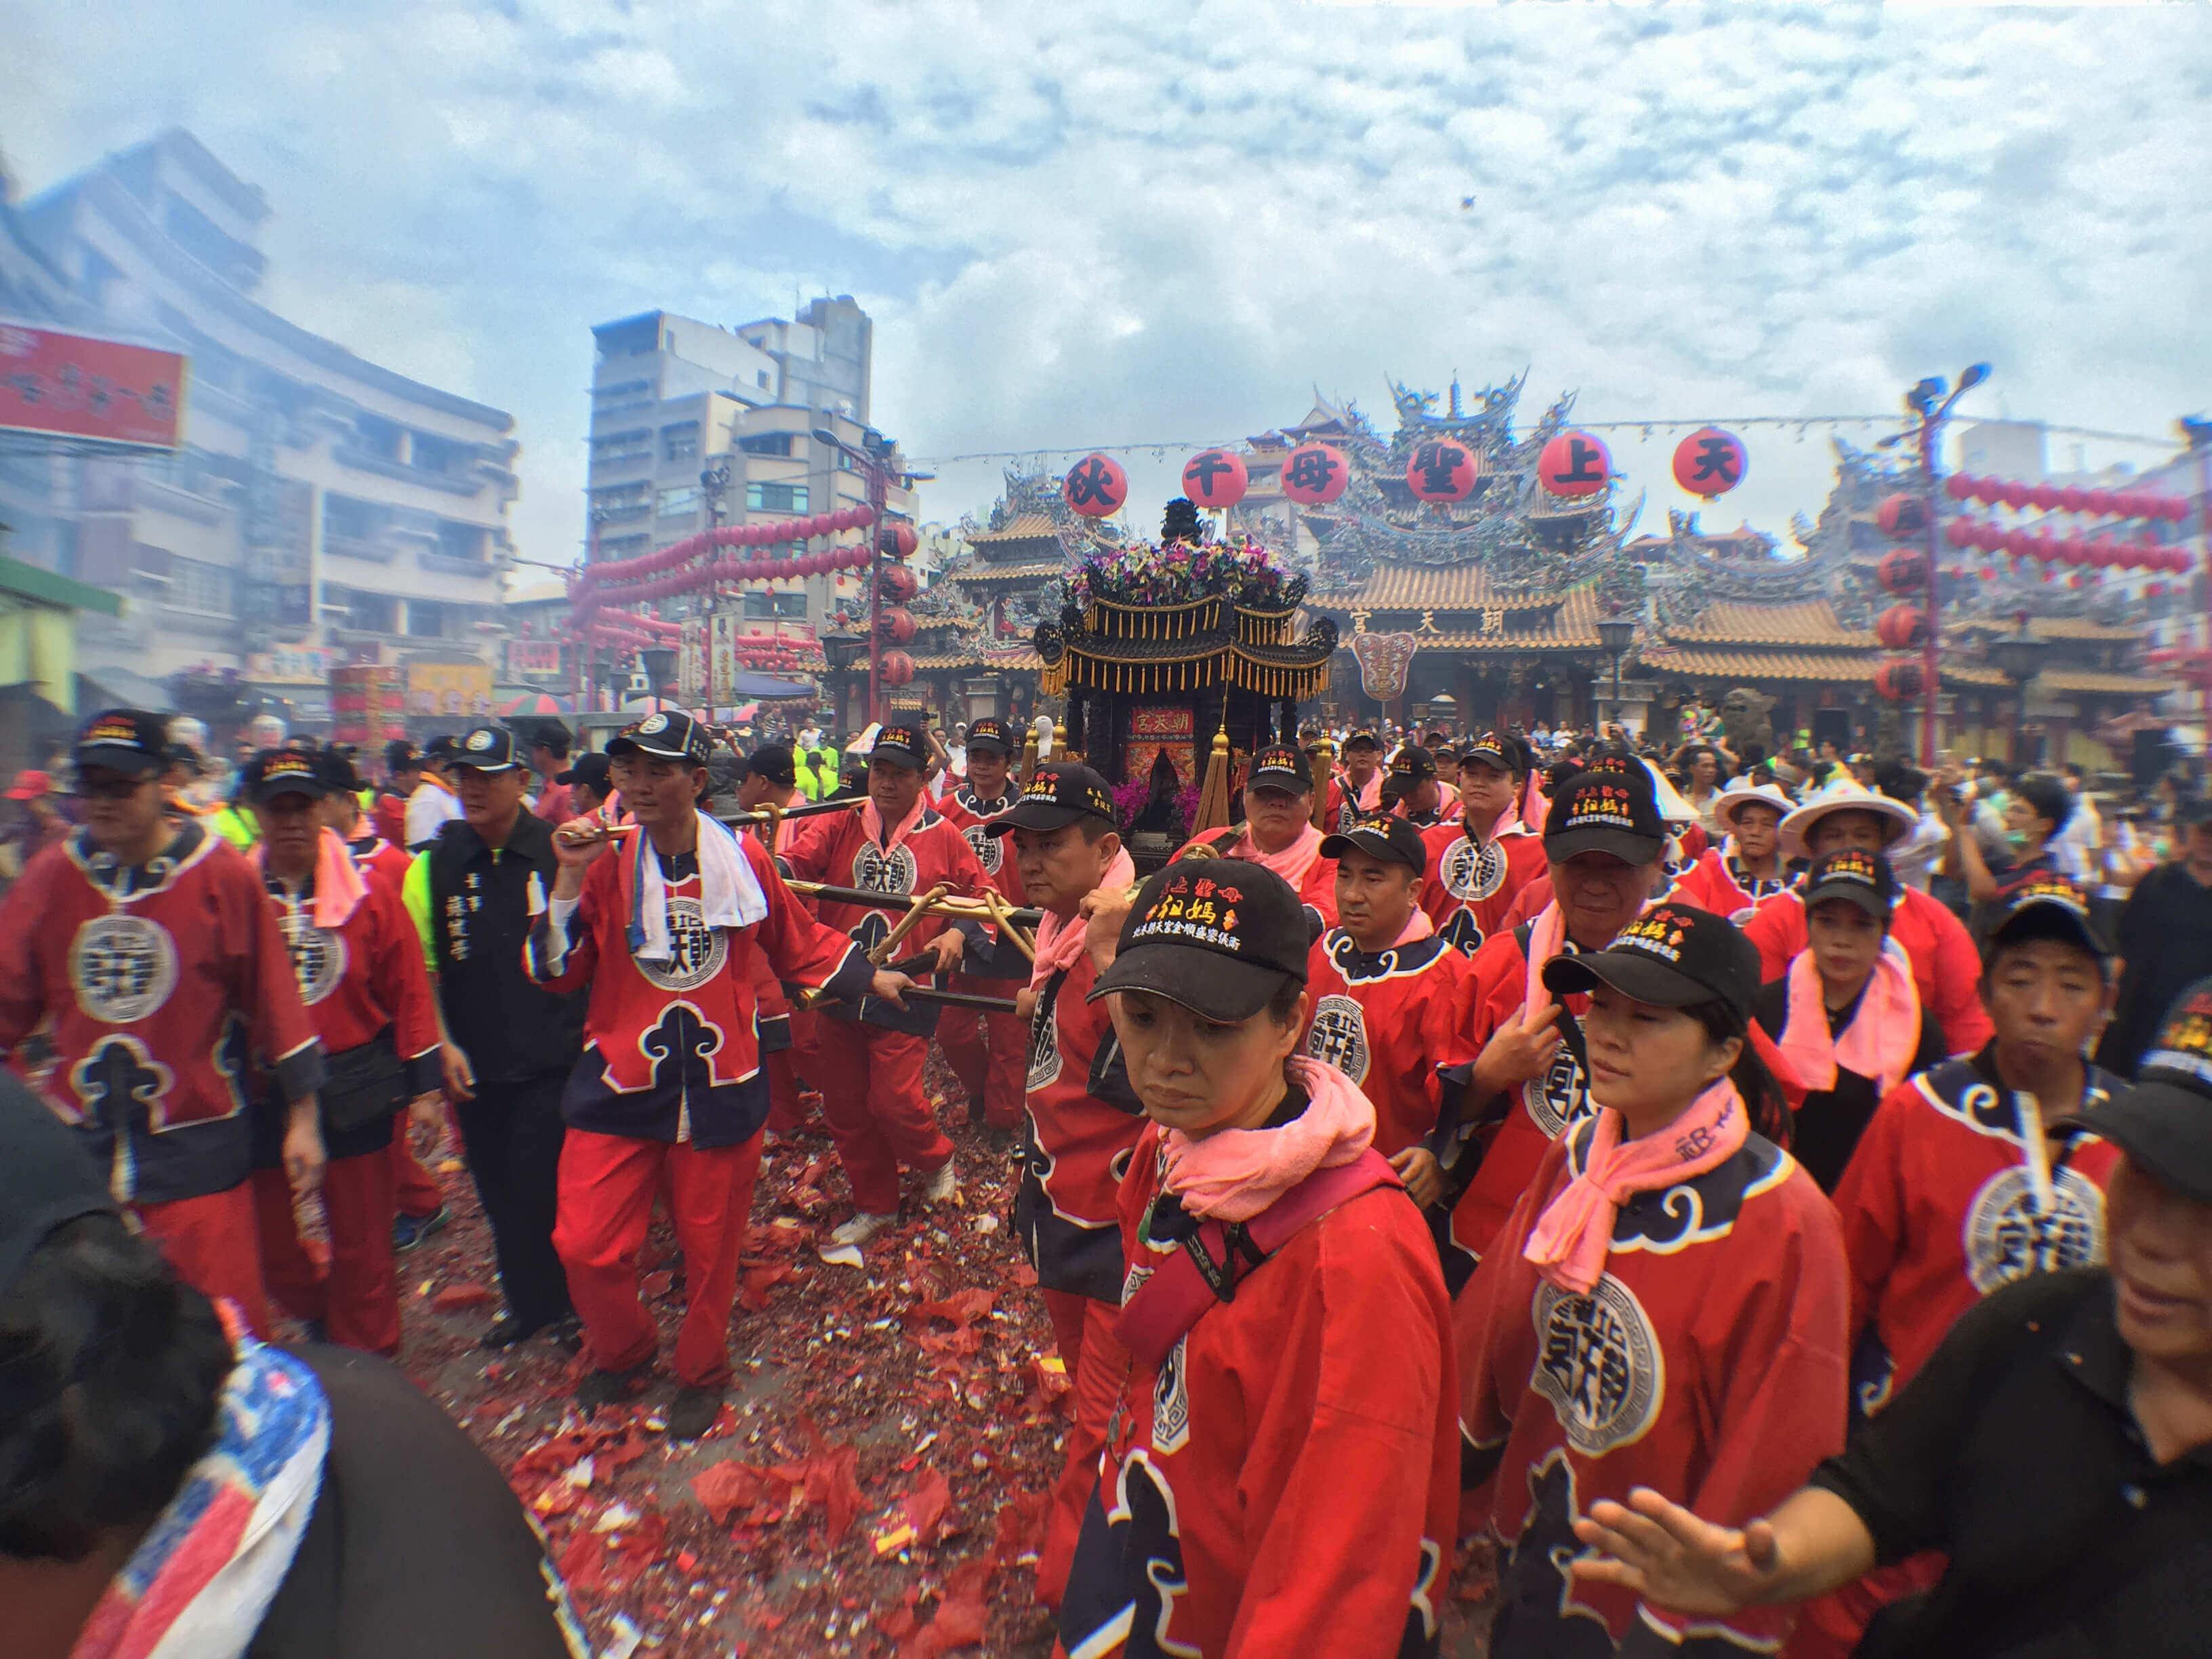 2015年 祖媽 金順盛 轎班會 農曆三月十九 起馬(吳政賢 攝)